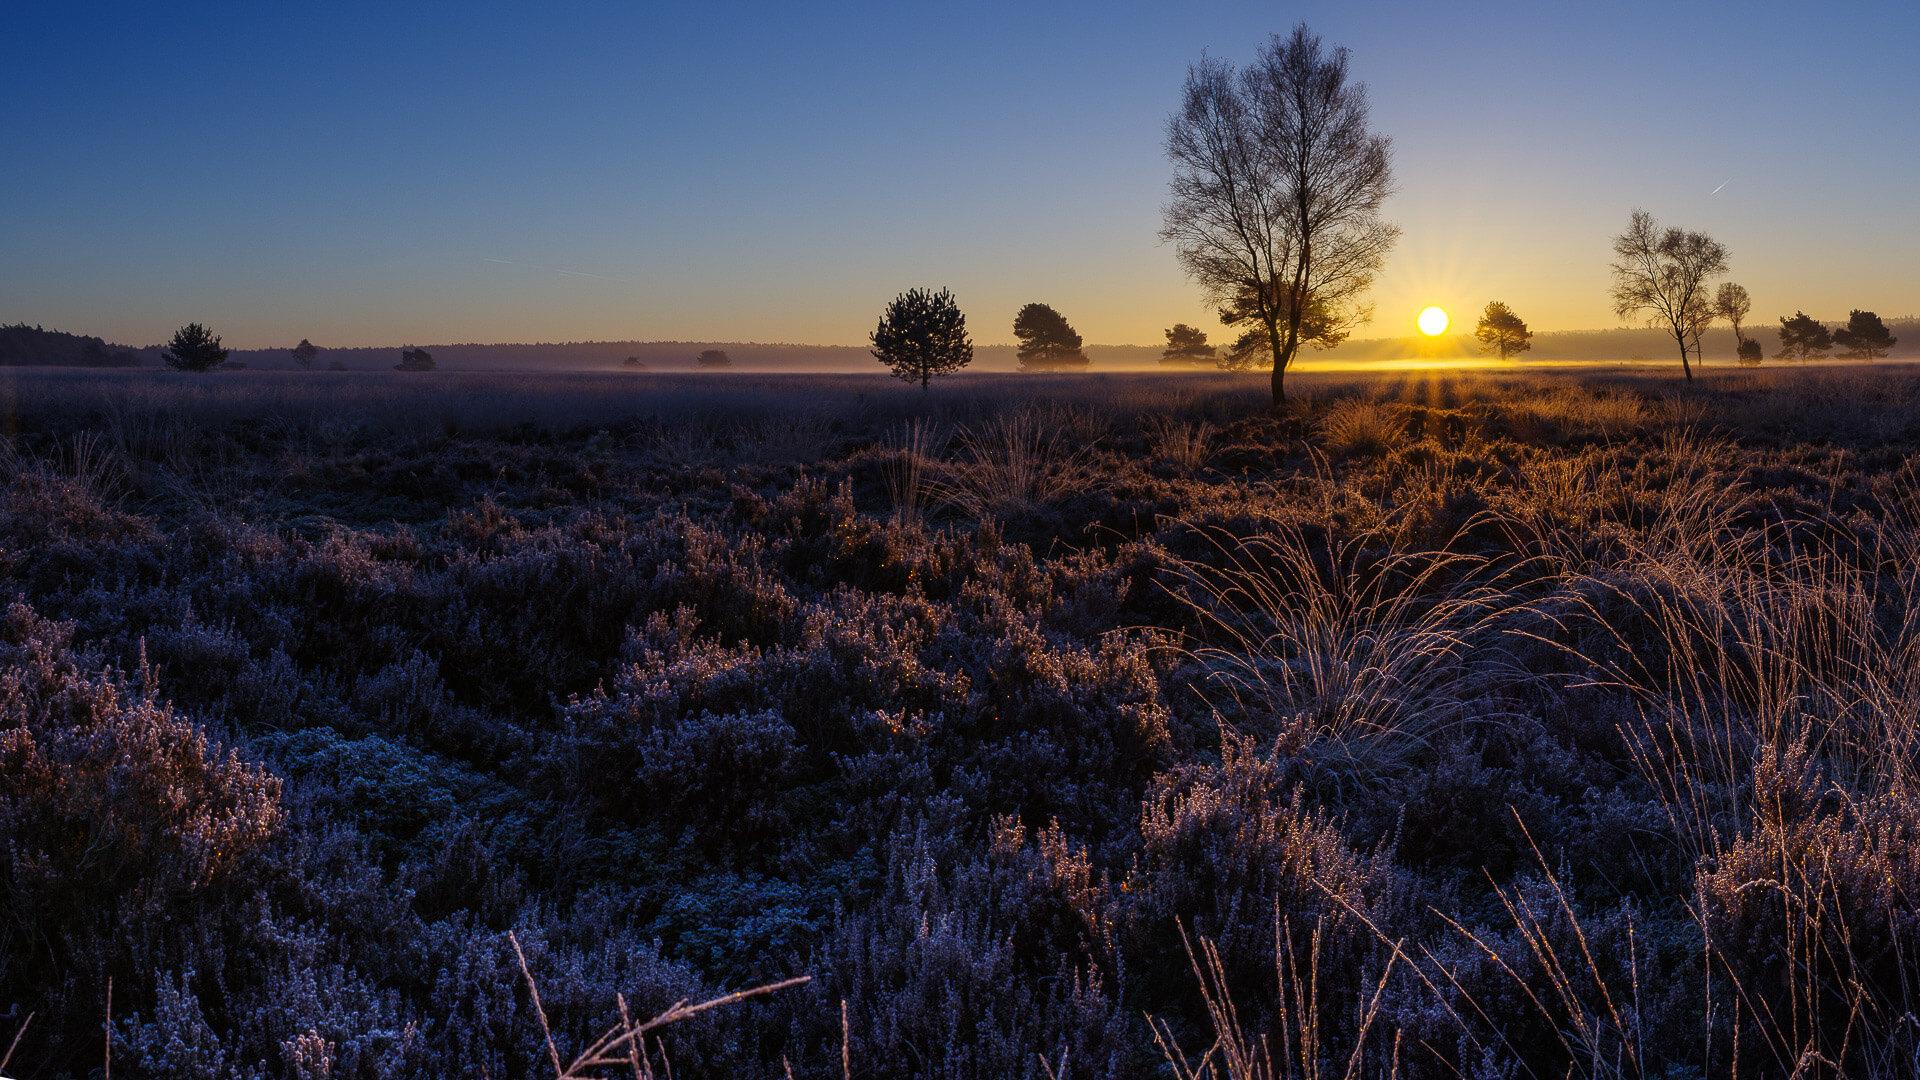 landschap, ochtendzon